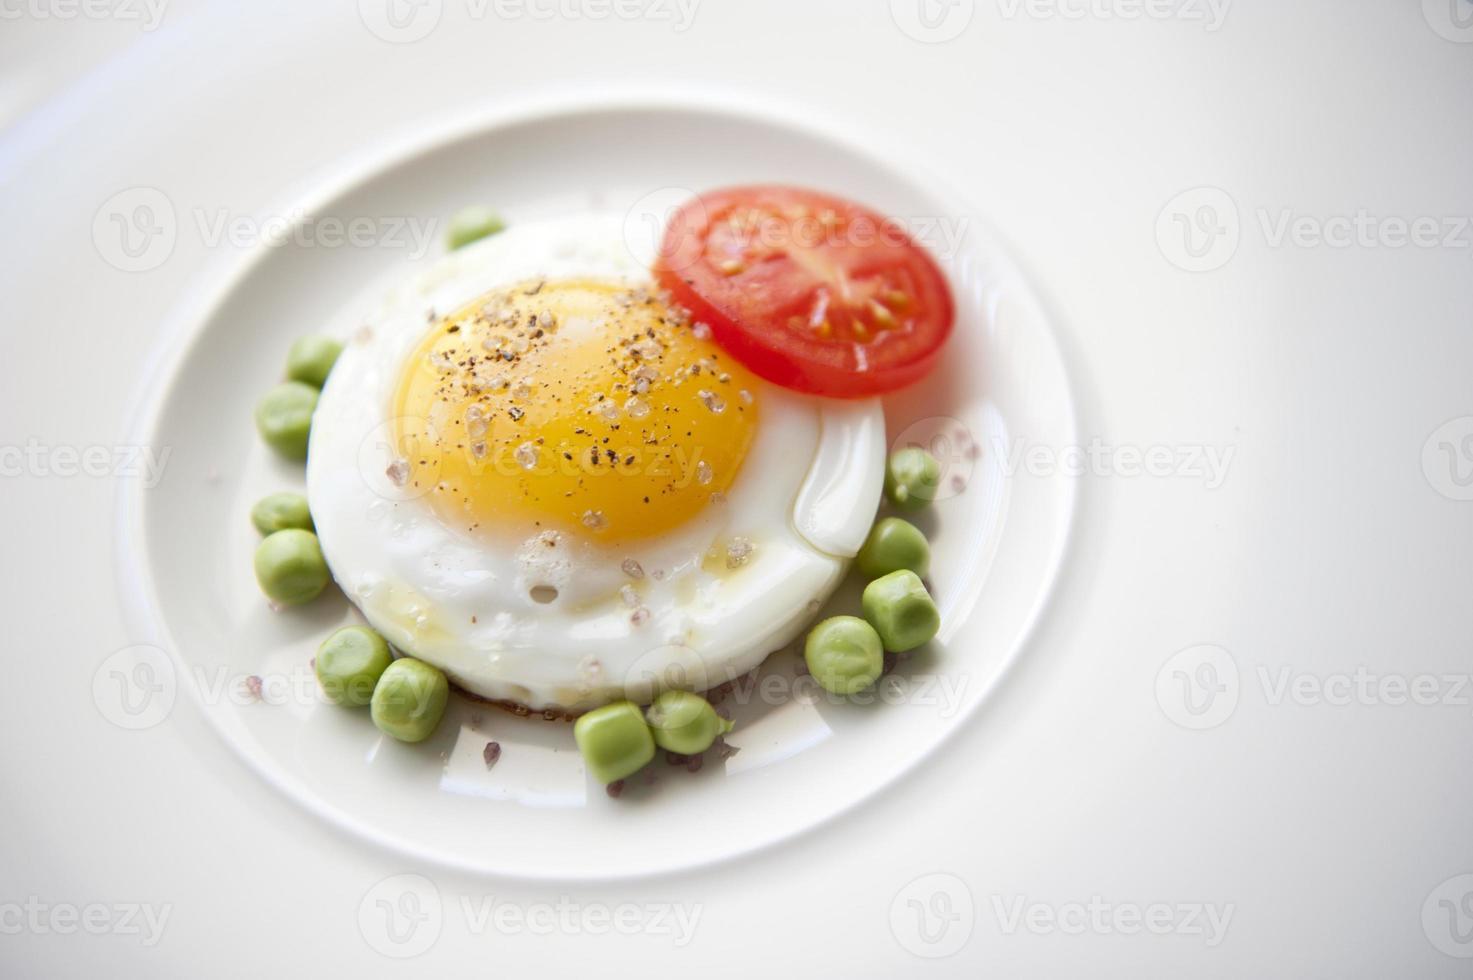 receita fácil café da manhã foto